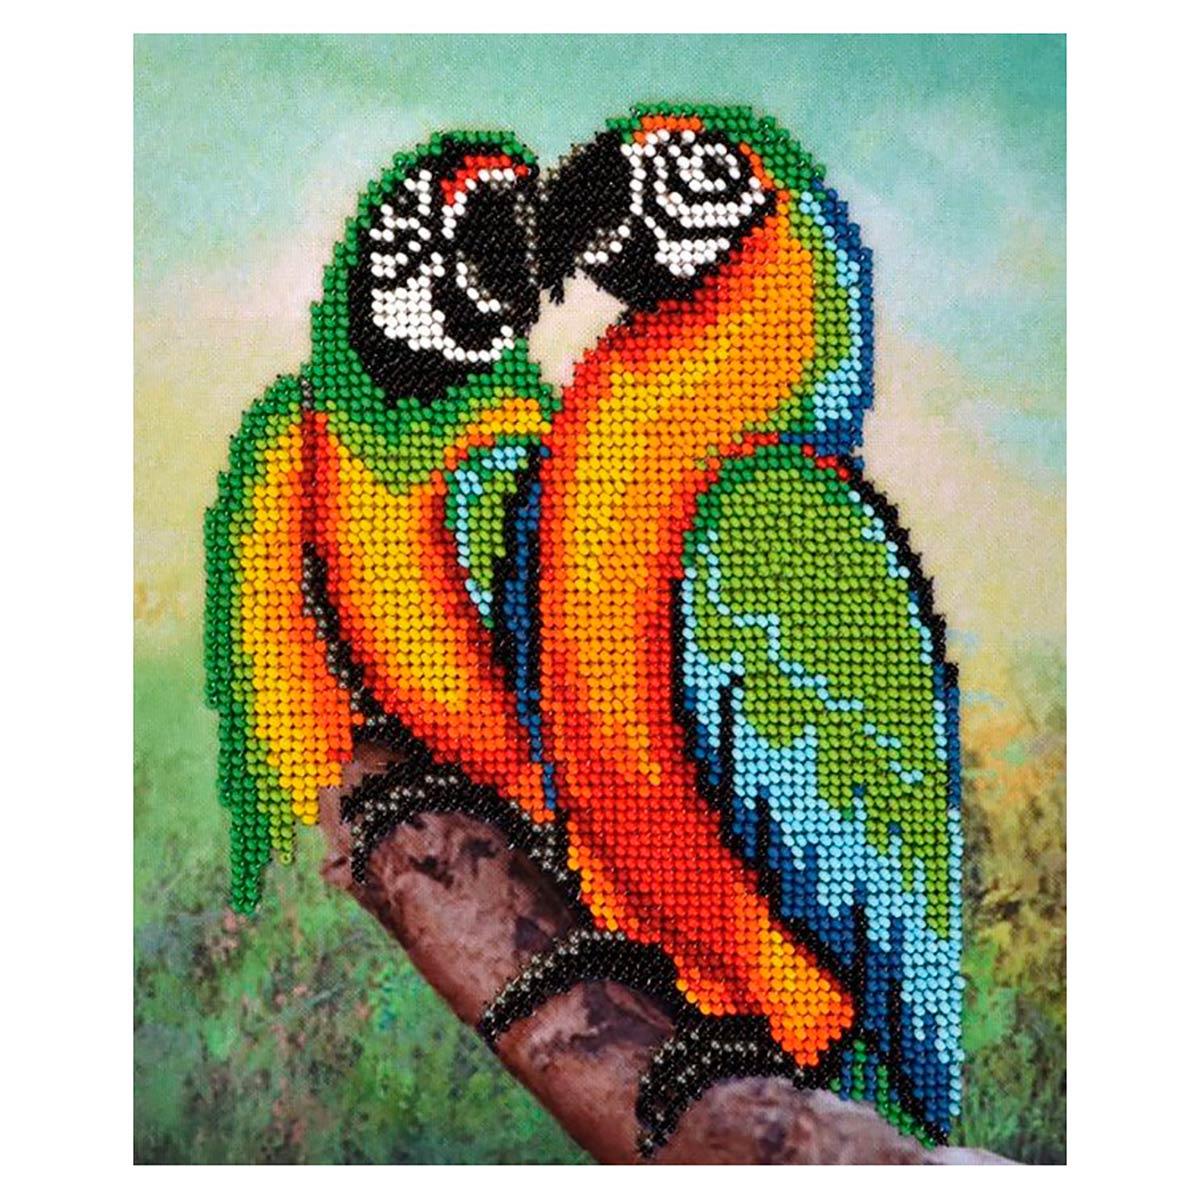 БН-3230 Набор для вышивания бисером Hobby&Pro 'Попугаи' 16,5*20 см